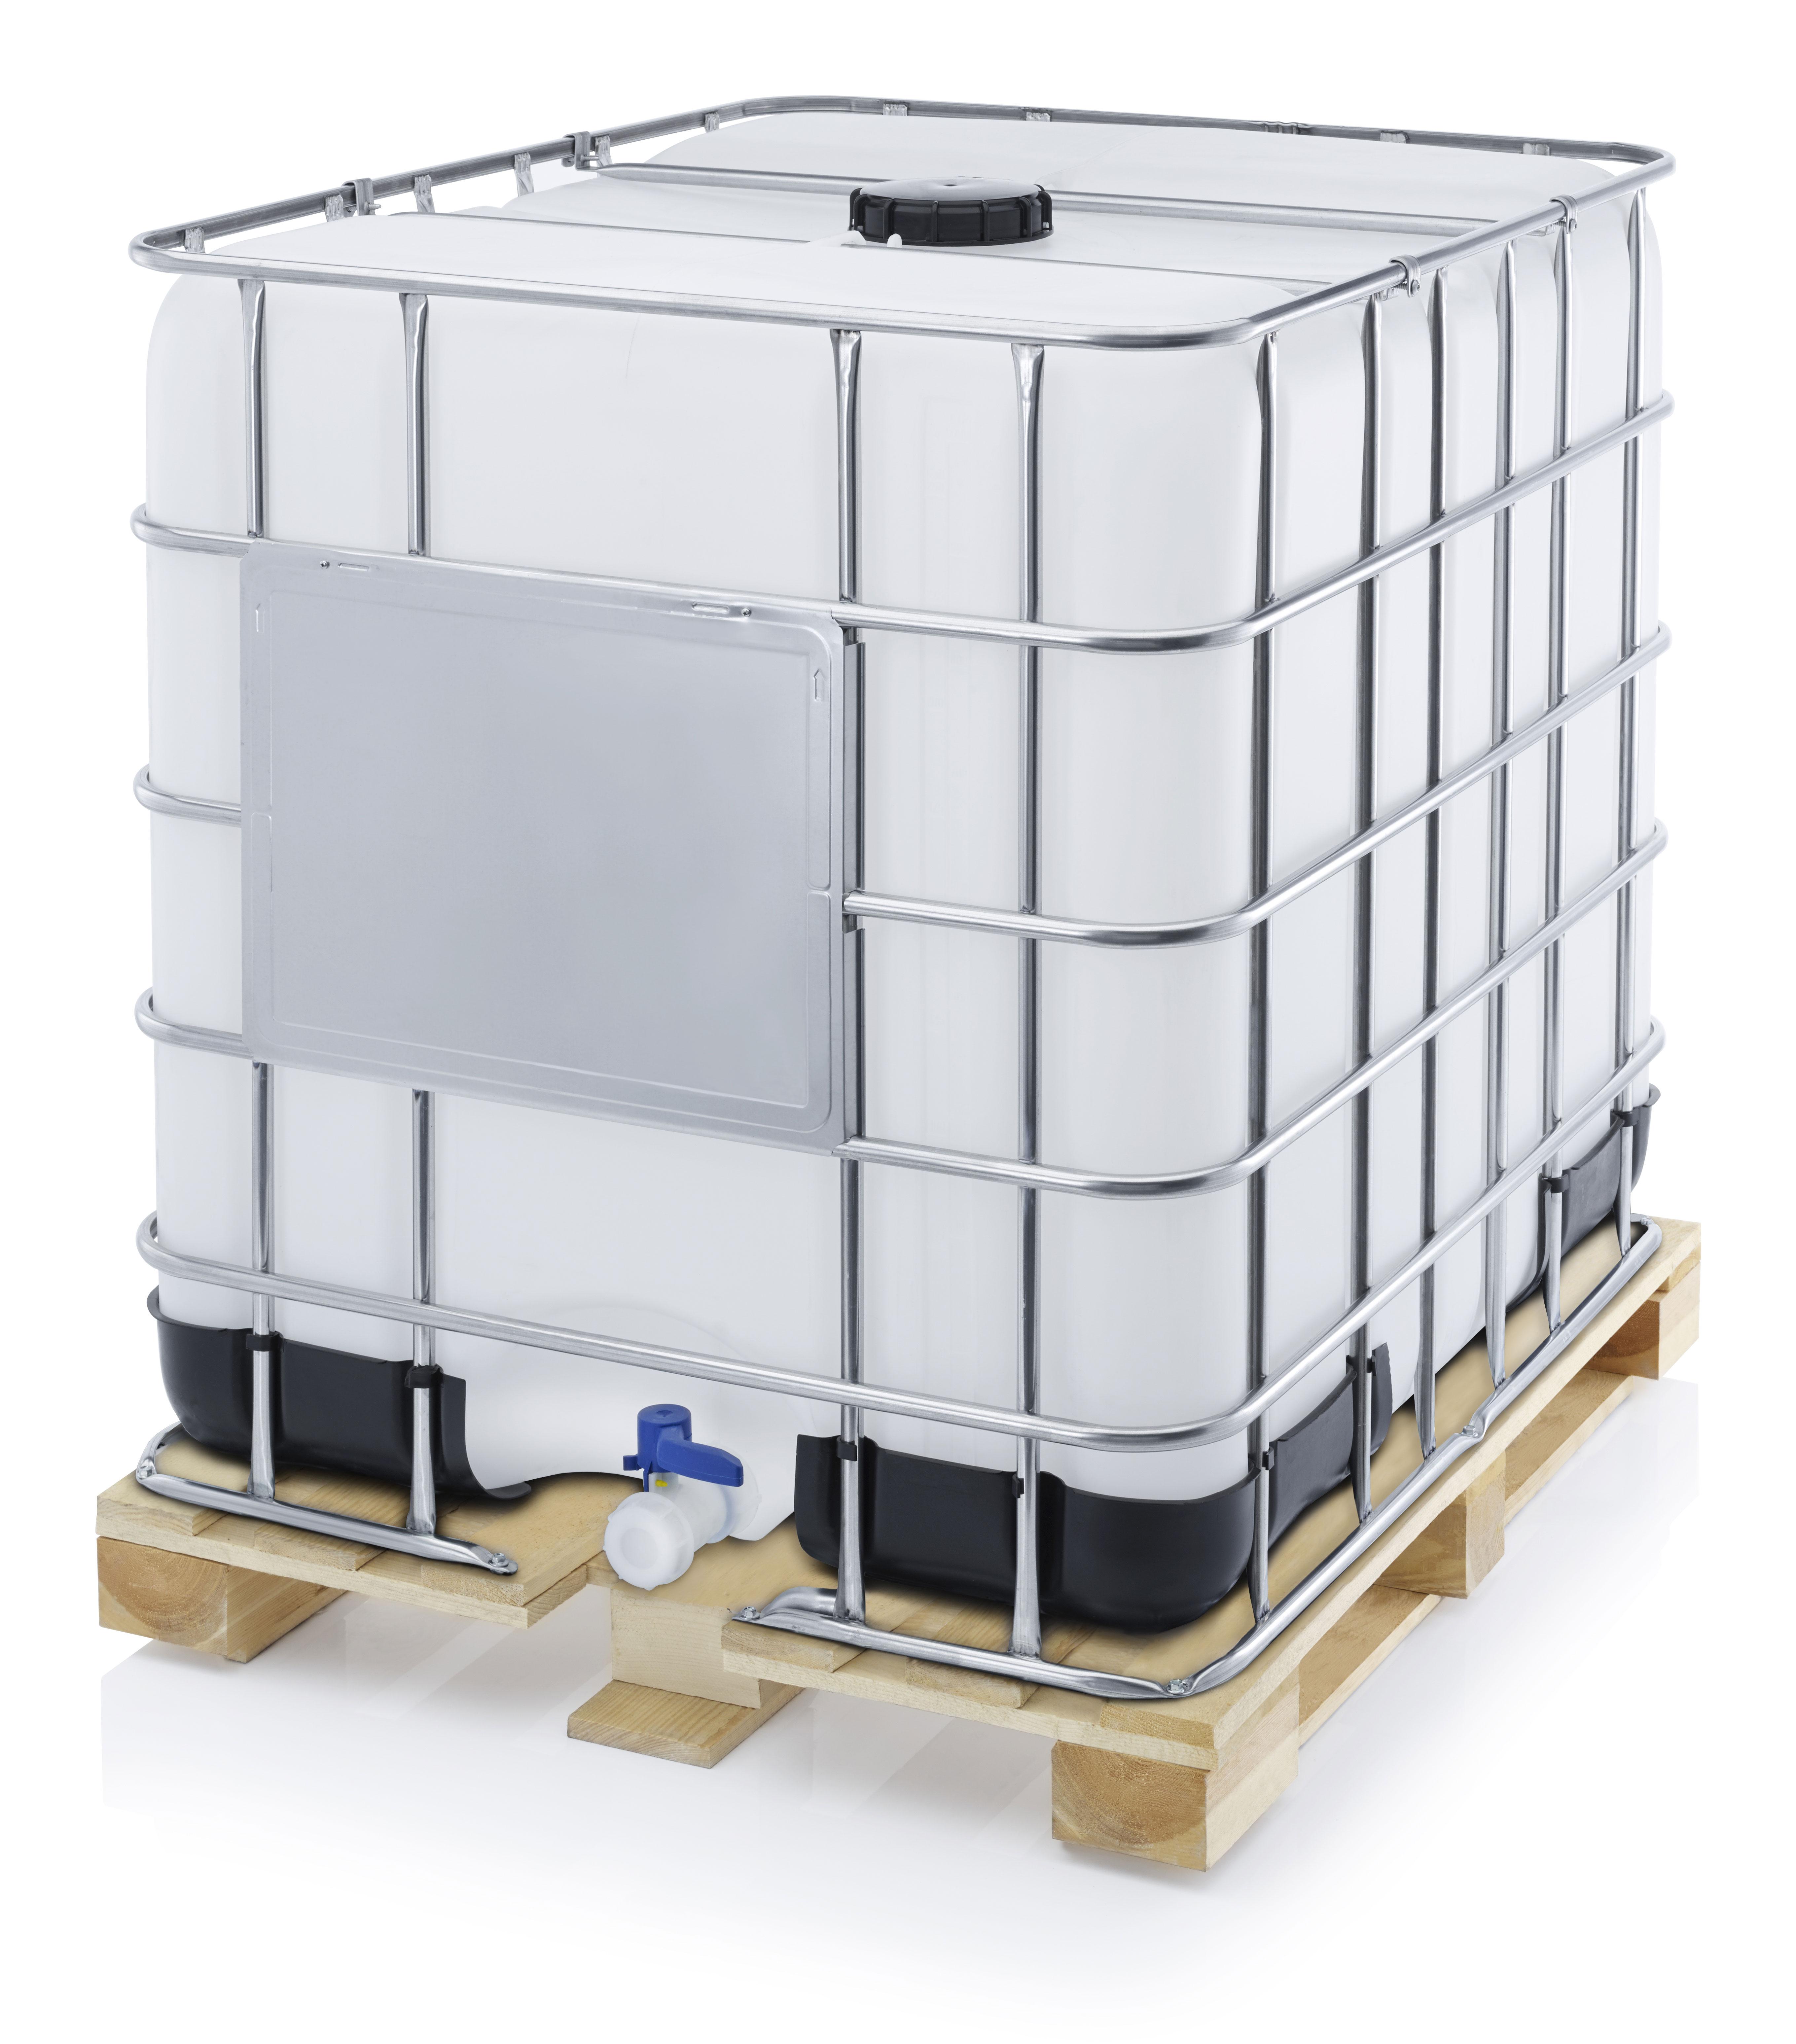 totes contenedores Para mercancía a granel